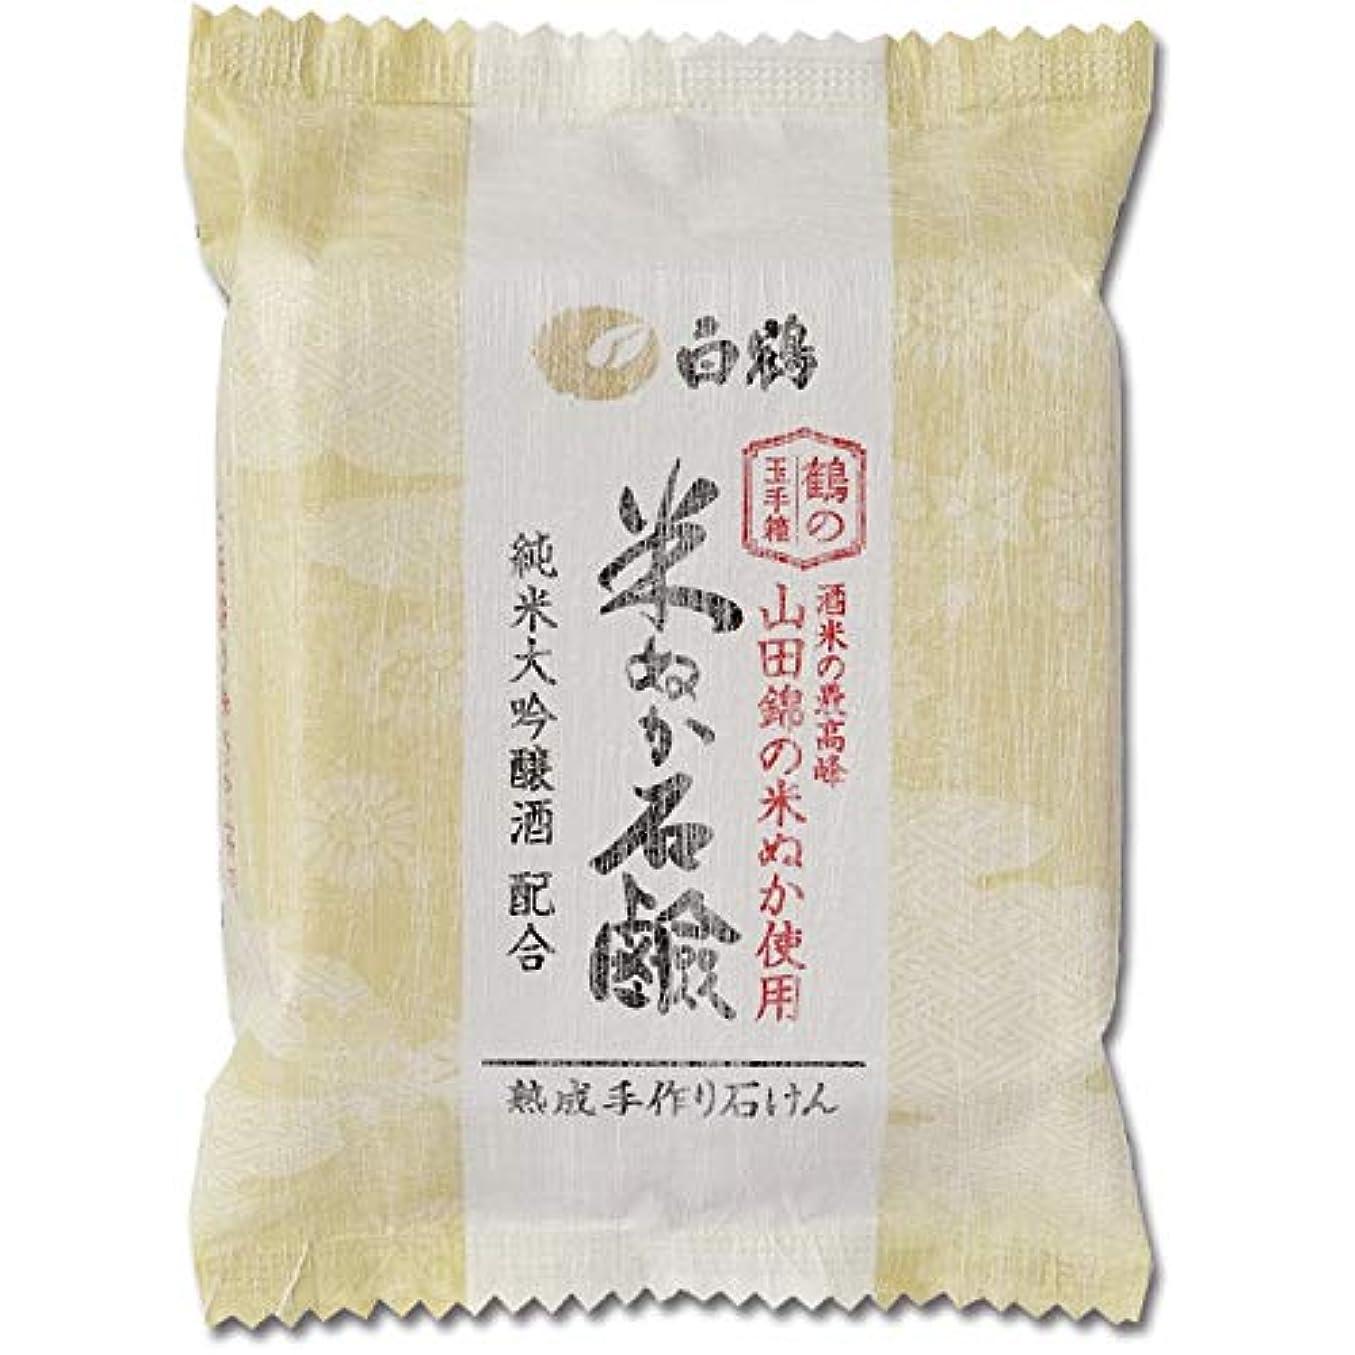 レギュラー不和召集する白鶴 鶴の玉手箱 米ぬか石けん 100g (全身用石鹸)